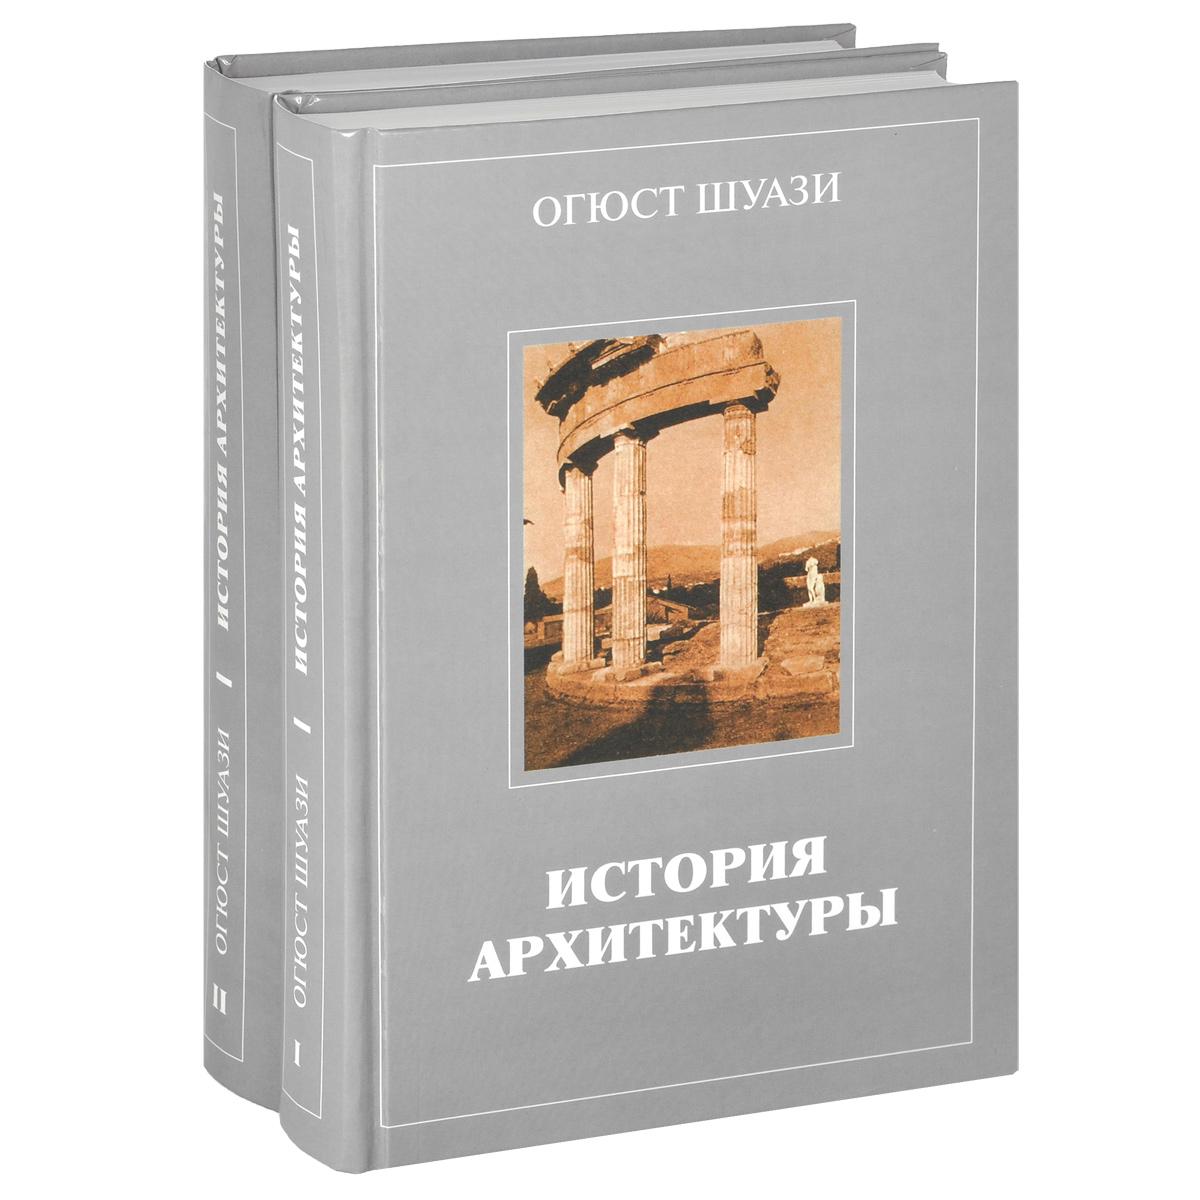 История архитектуры. В 2 томах (комплект из 2 книг), Огюст Шуази